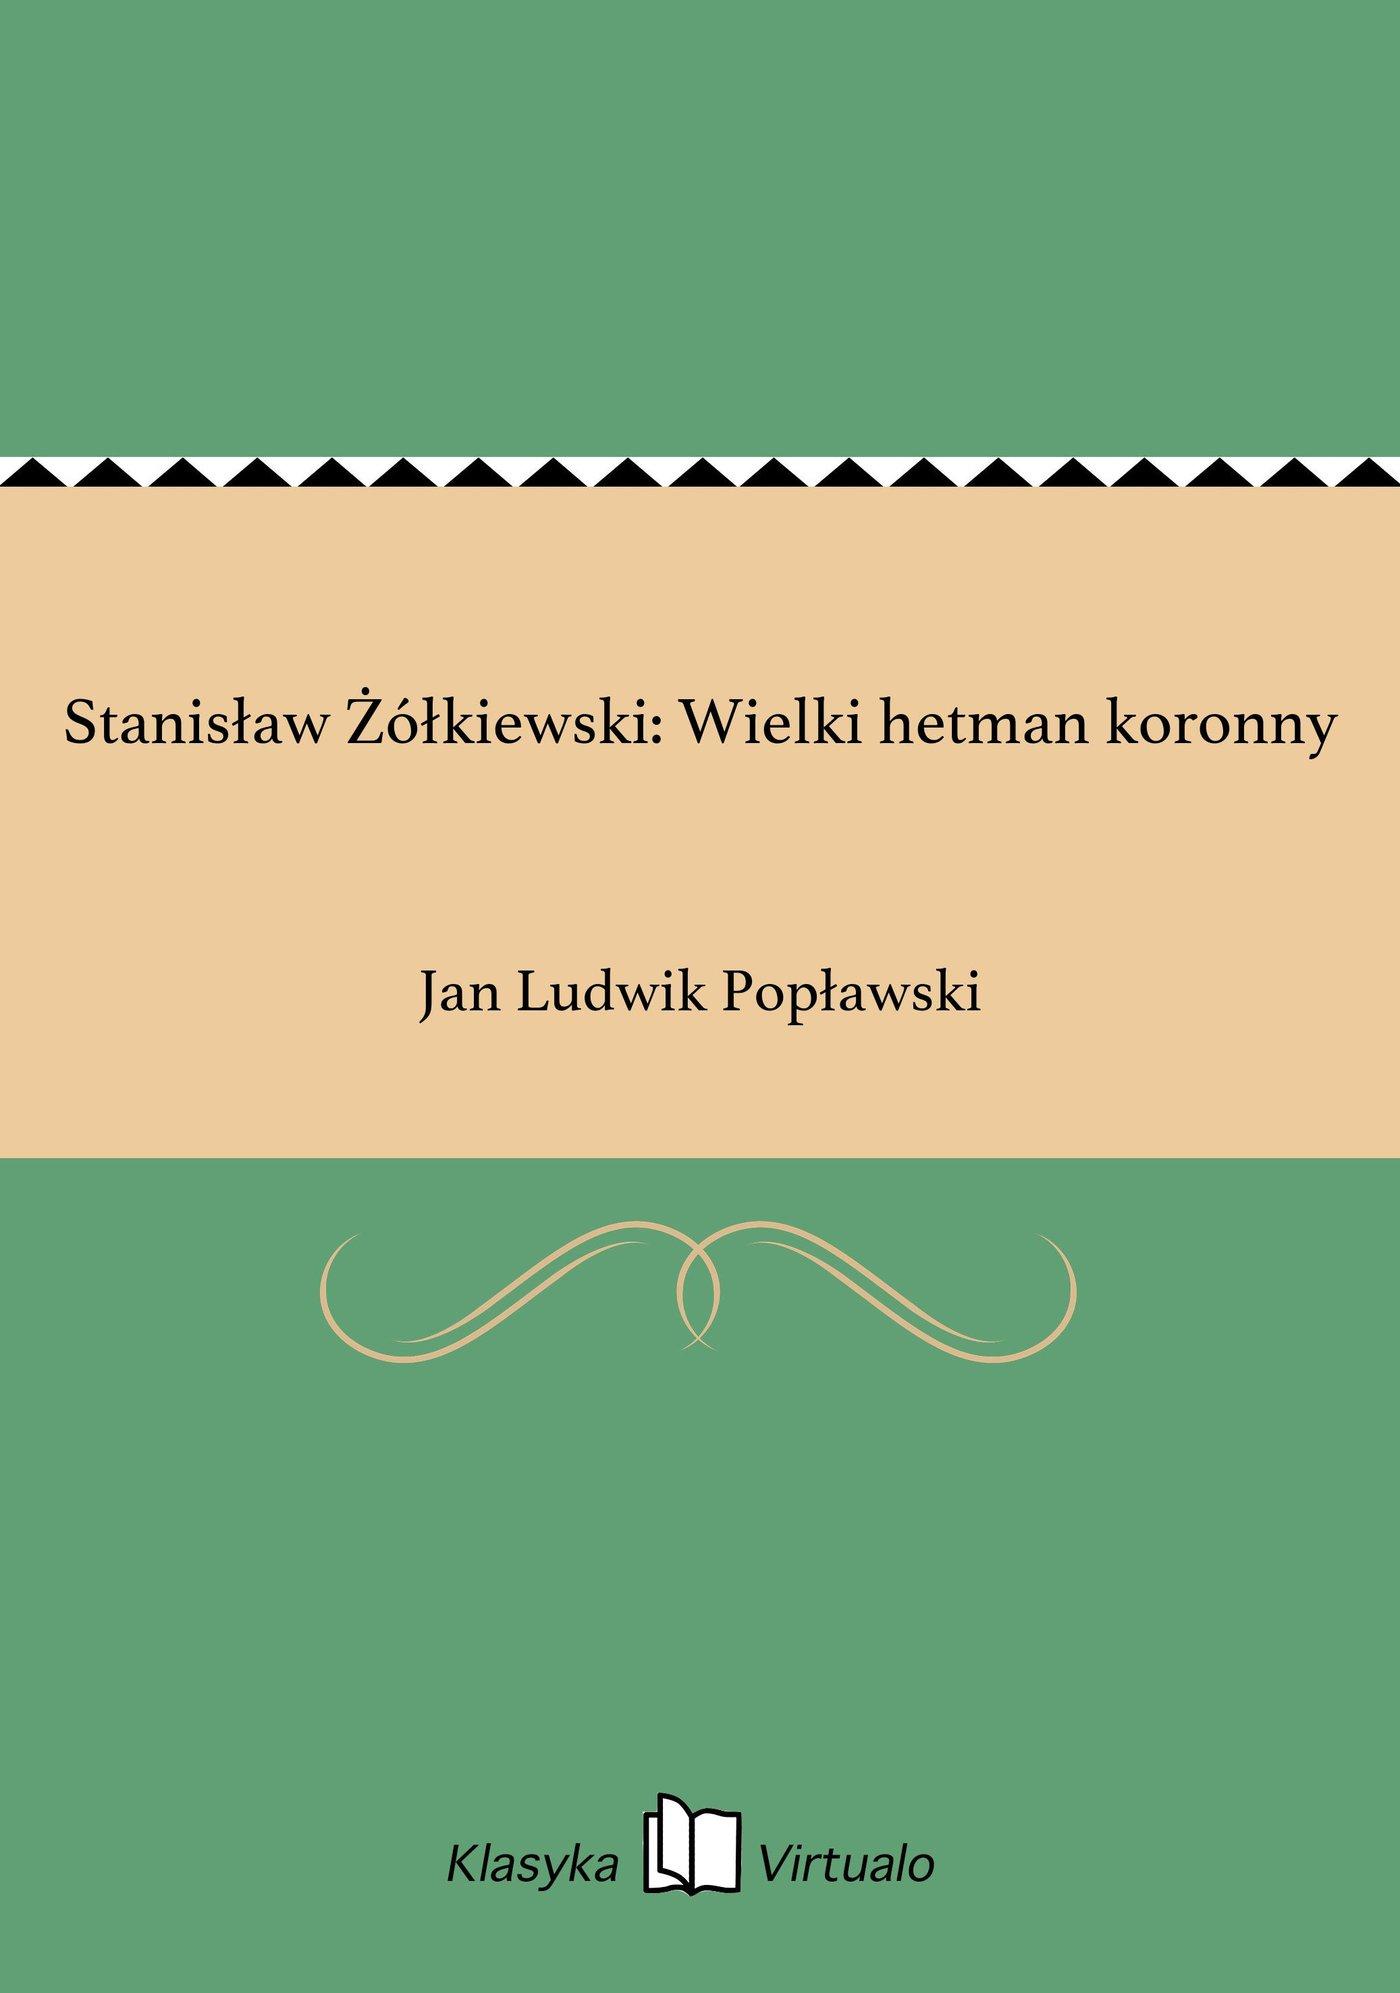 Stanisław Żółkiewski: Wielki hetman koronny - Ebook (Książka EPUB) do pobrania w formacie EPUB